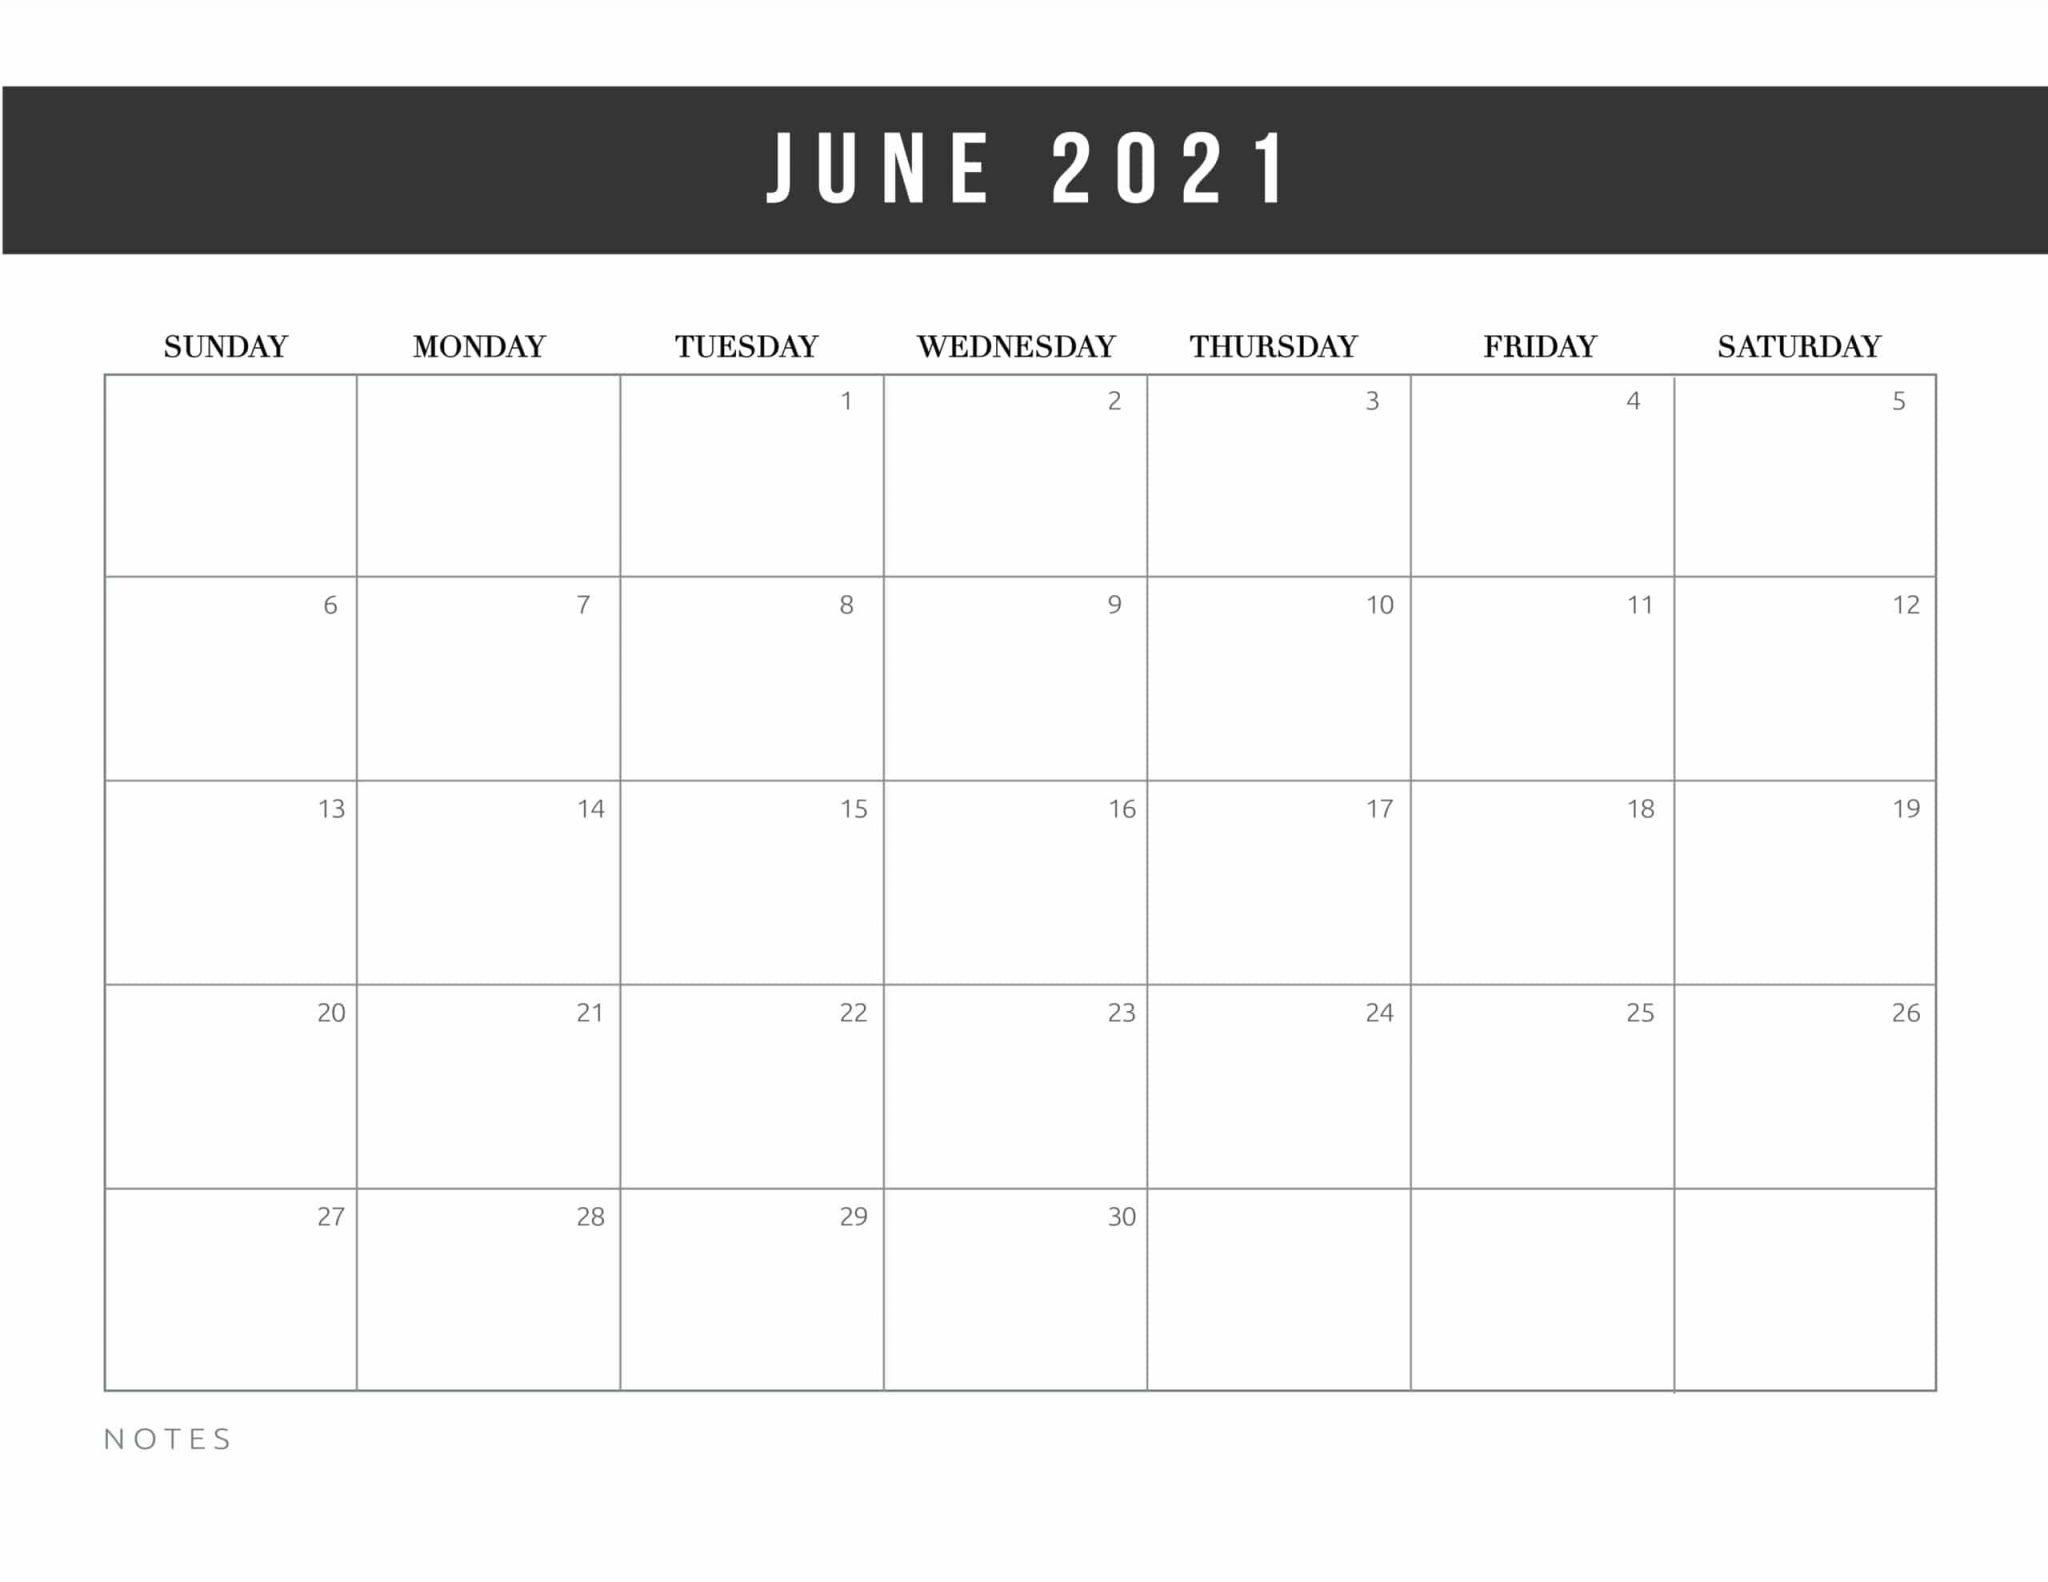 Free Printable June 2021 Calendar Template